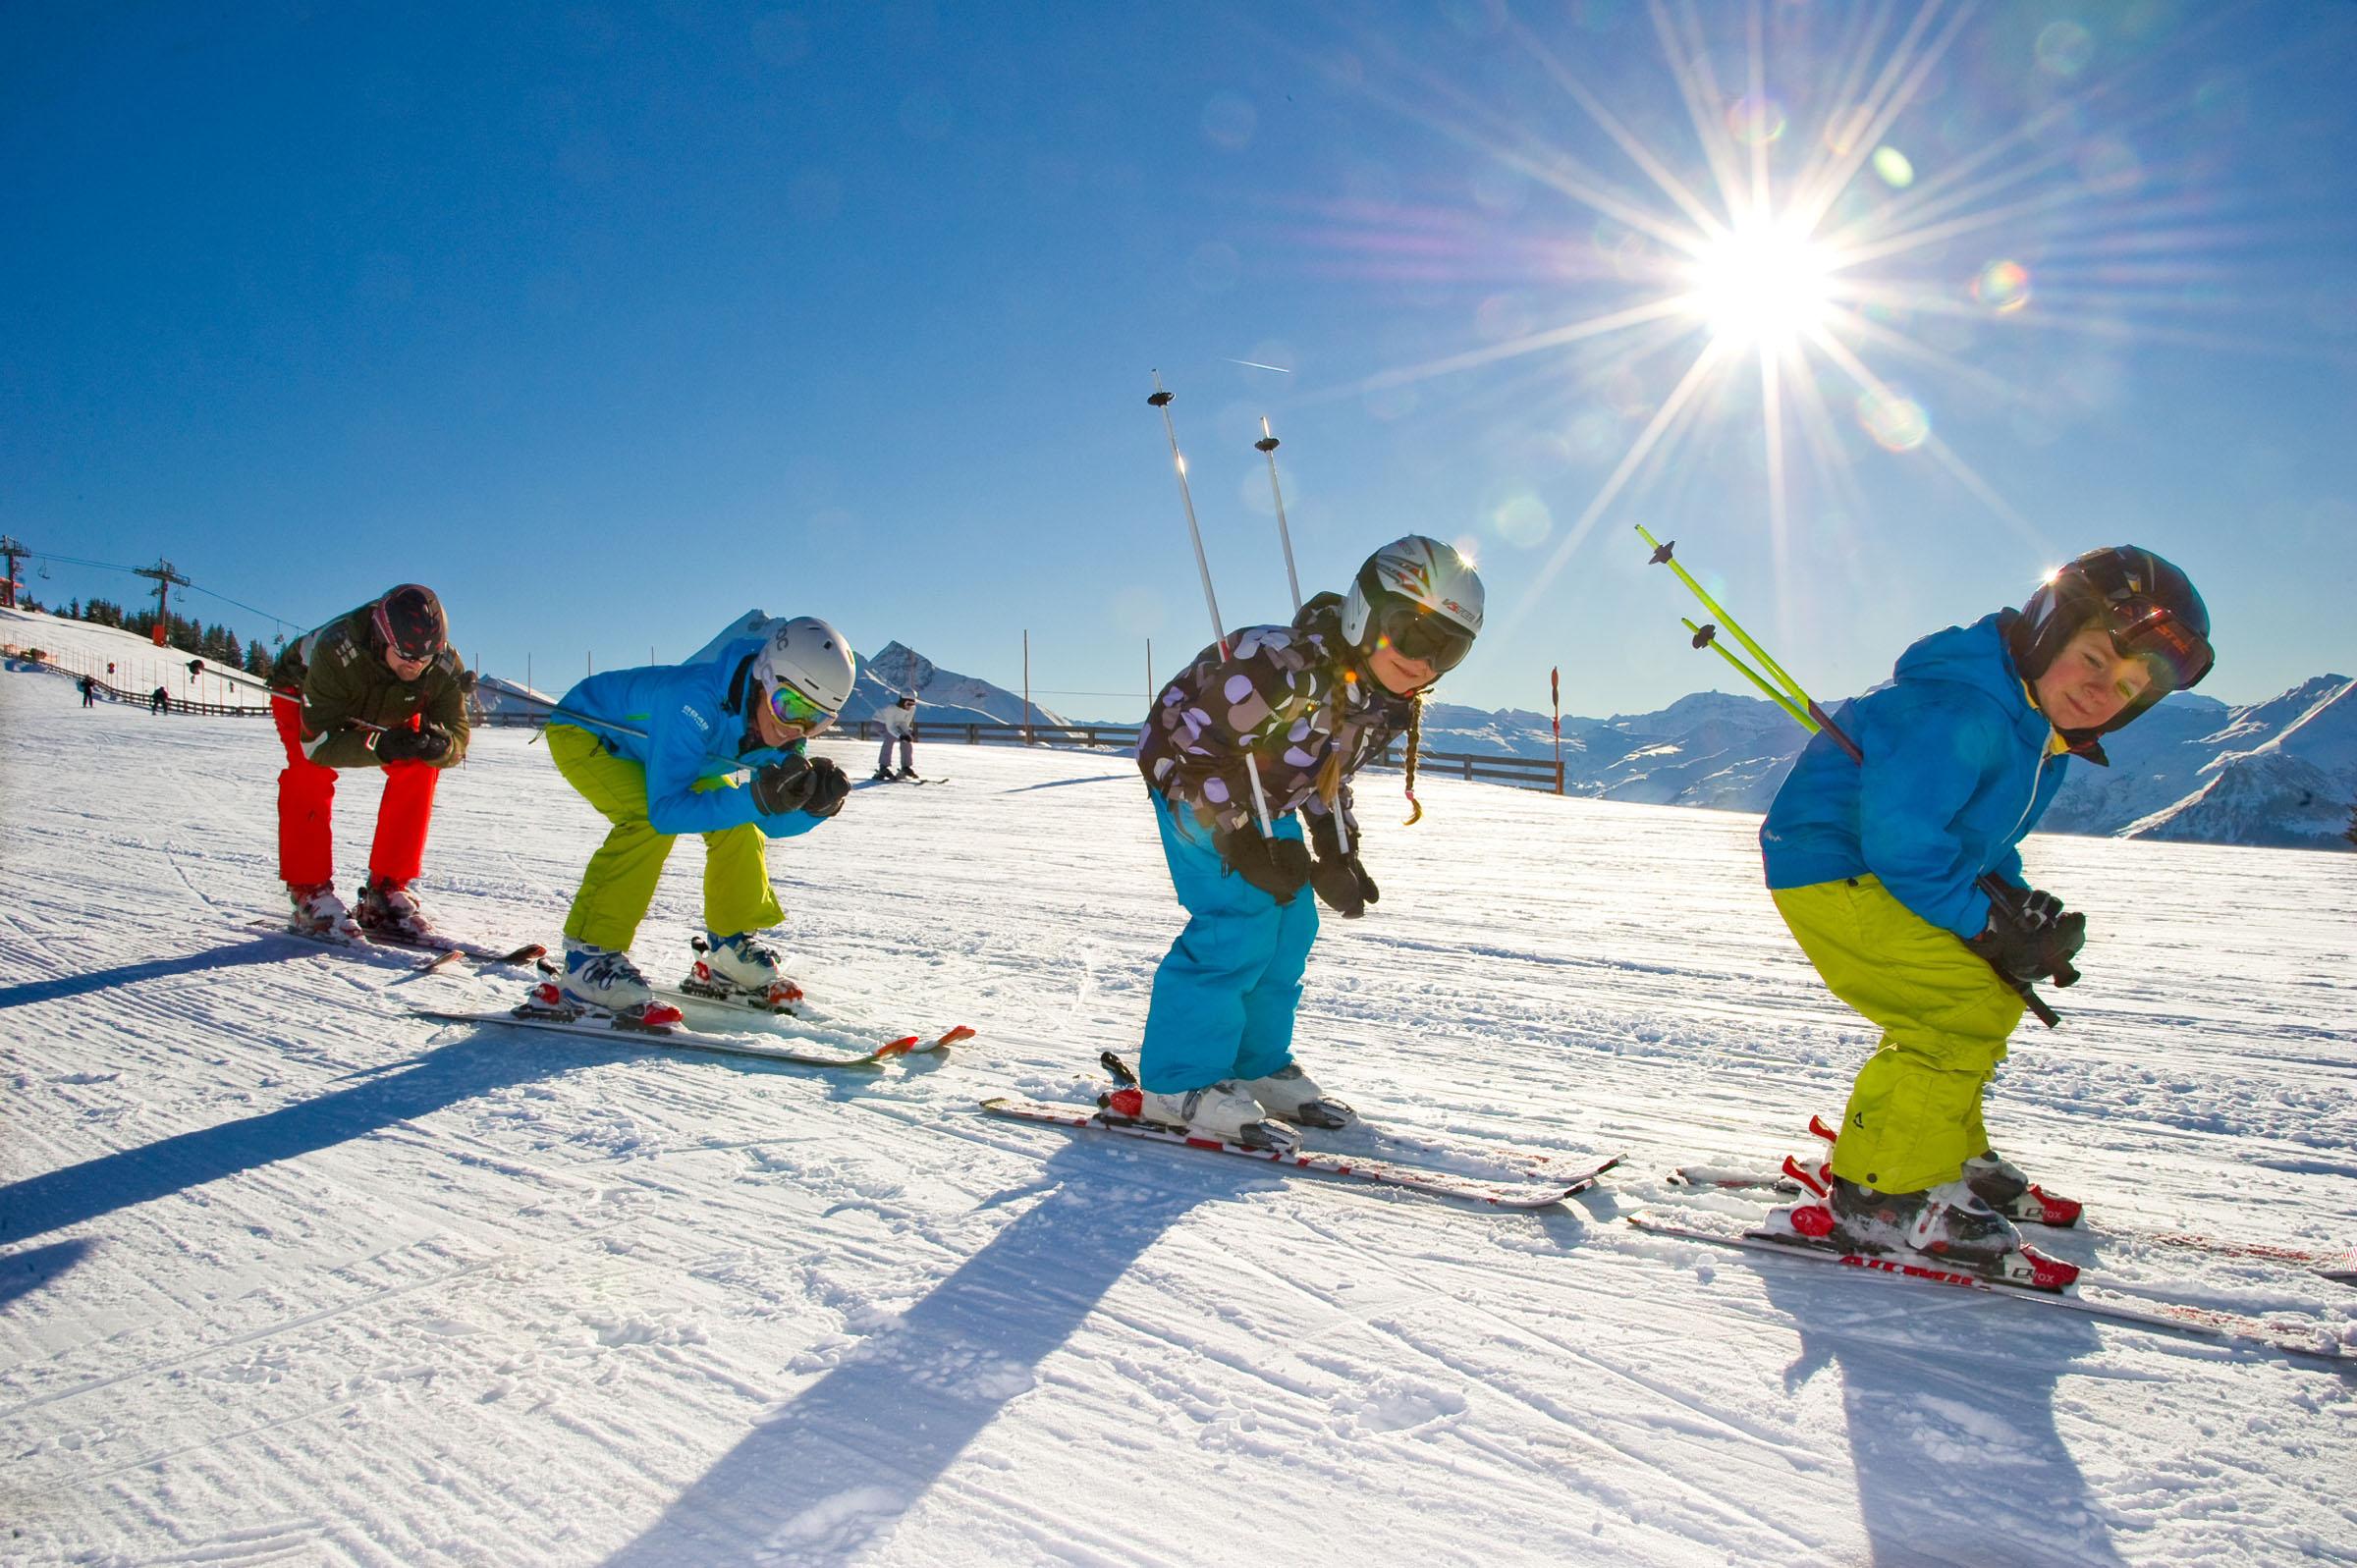 ferienhaus-grabenhaeusl-familien-skifahren-wintersport